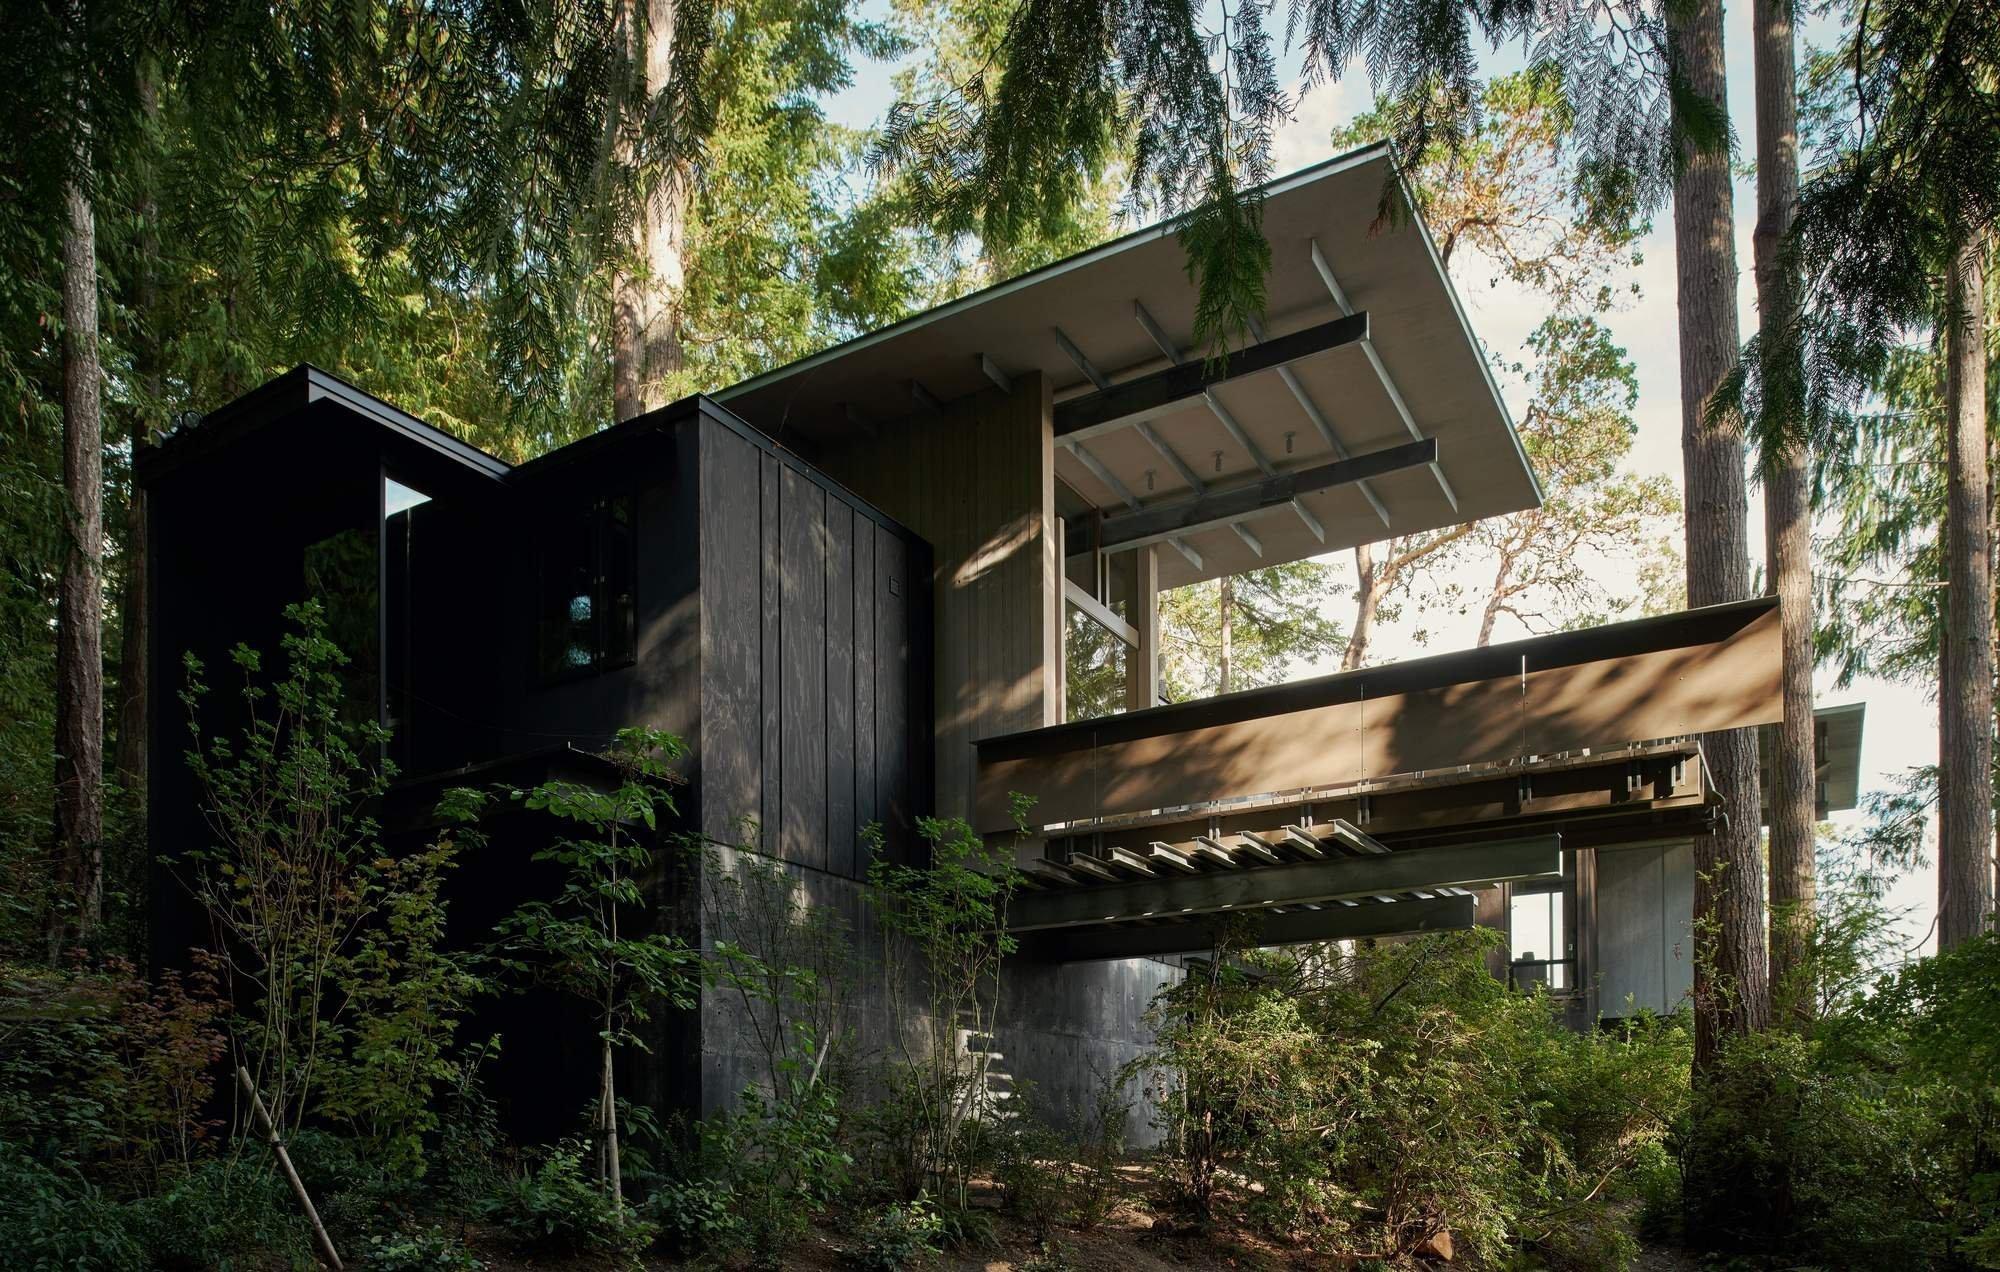 Jak už jsme zjistili i v jiných článcích, dům architekta je často vizitkou a ukázkou jeho vlastní práce a preciznosti. Nejenže si takový člověk dům sám navrhne, ale navíc ví, jak vše zrealizovat podle svých představ. Jedním z dobrých příkladů je dům architekta Jima Olsona, který volá po lásce k přírodě.